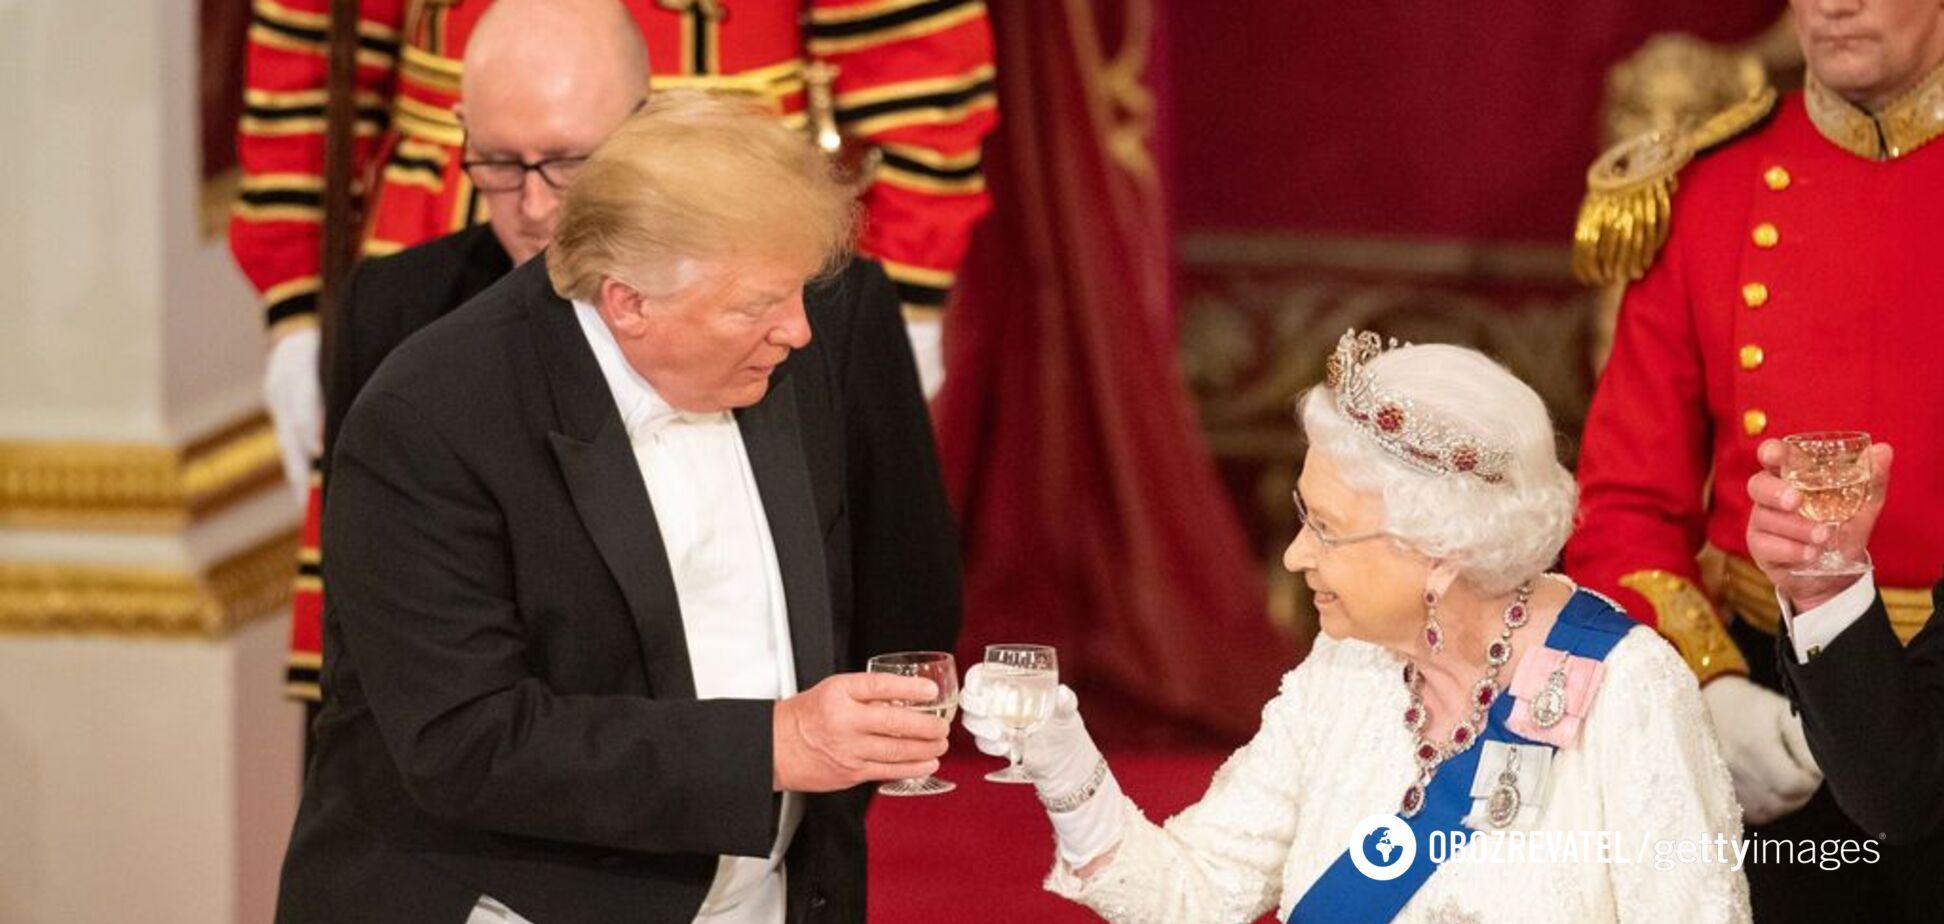 Від 'вічної дружби' до 'жалюгідного лузера': з чим Трамп приїхав до Британії. Всі деталі візиту